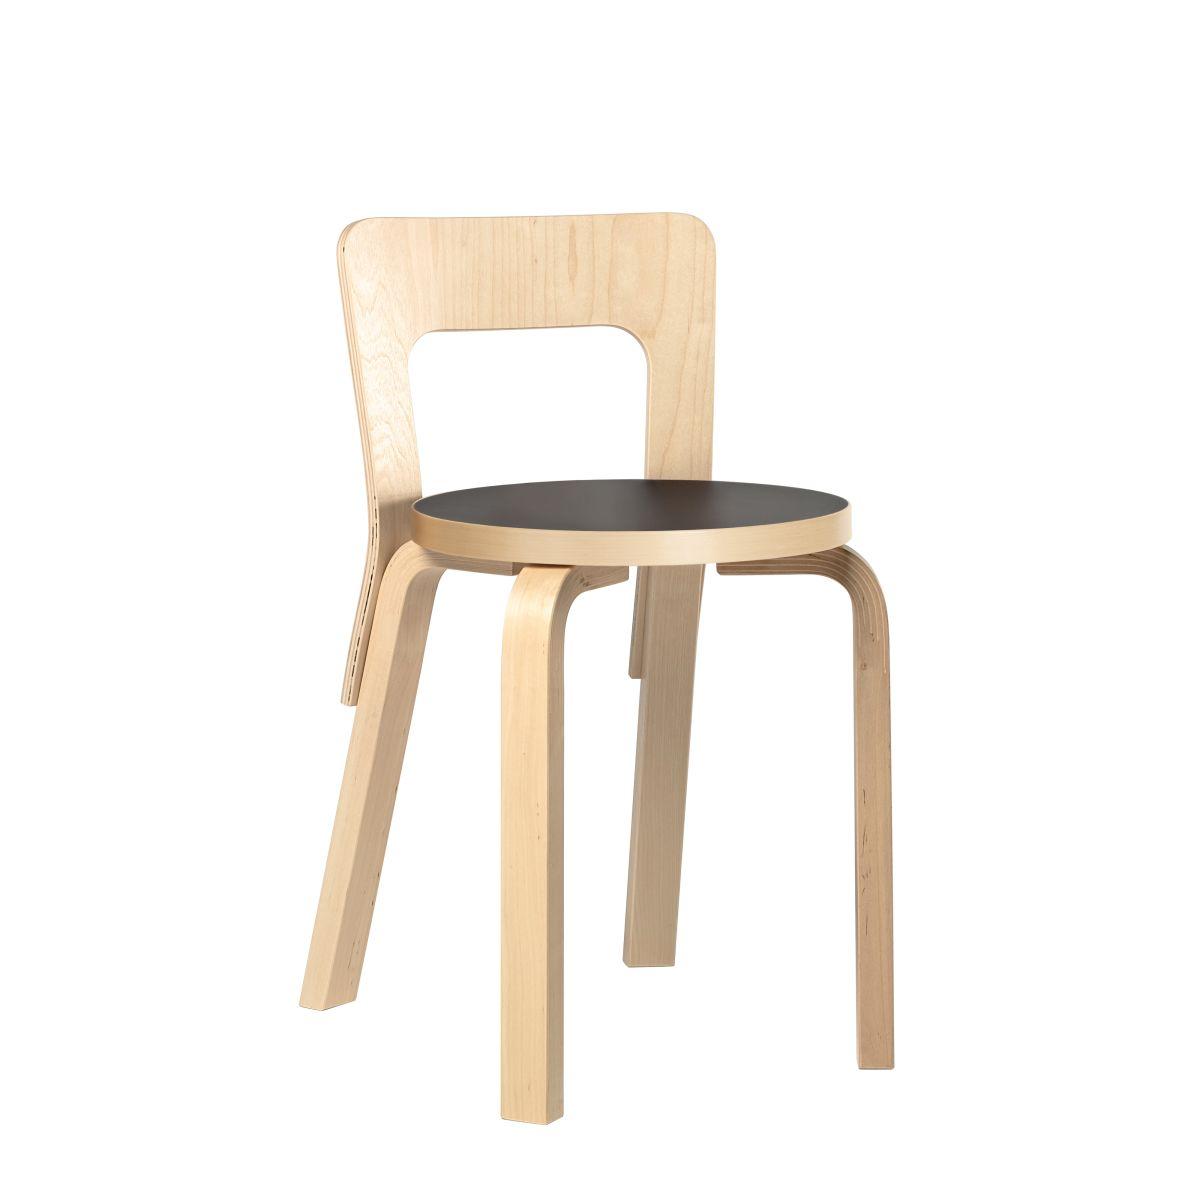 Chair 65 Legs Birch Top Black Linoleum 2463552